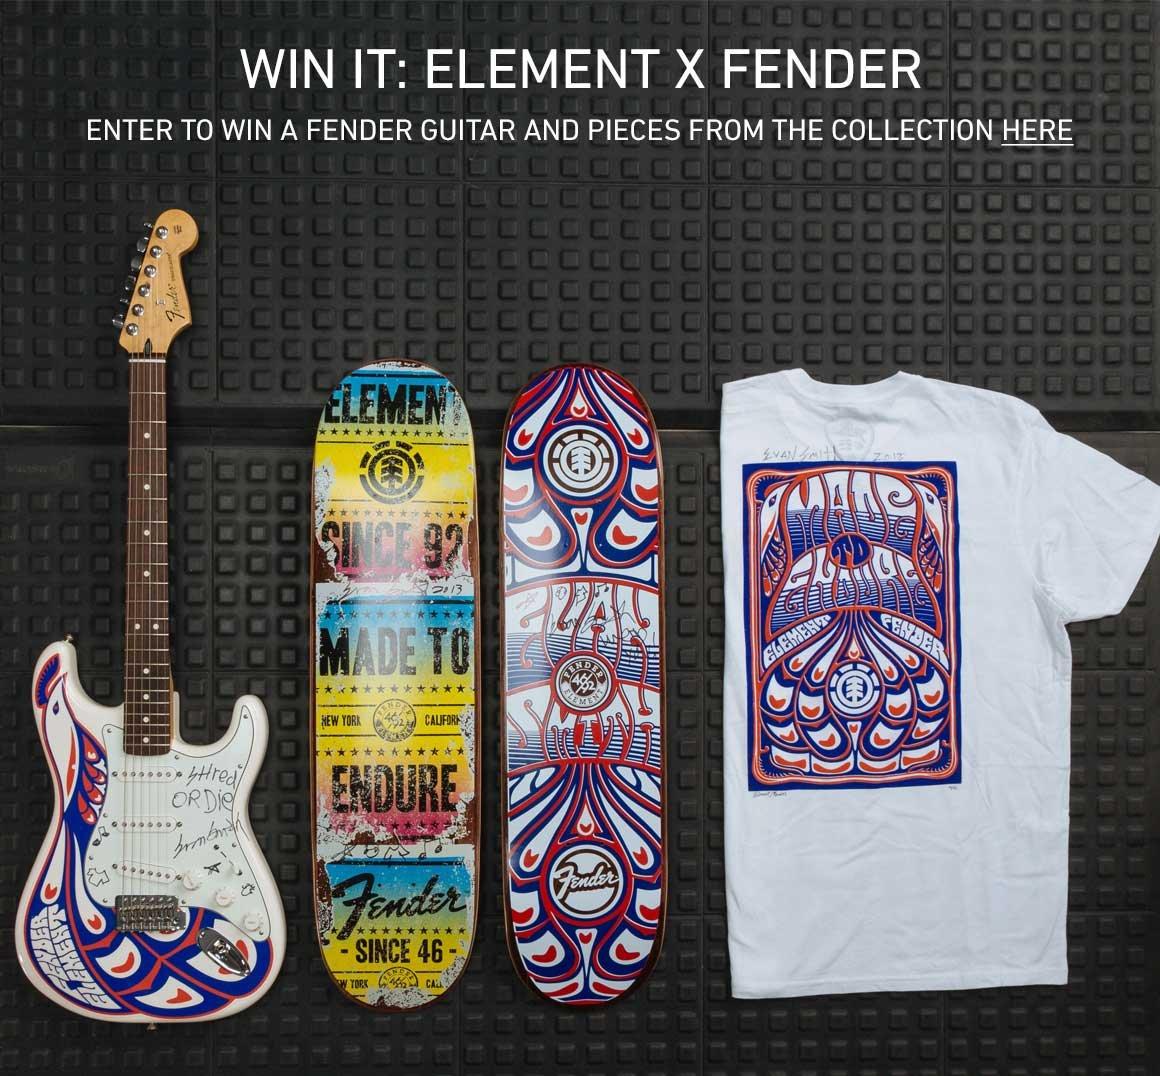 Win It: Element x Fender